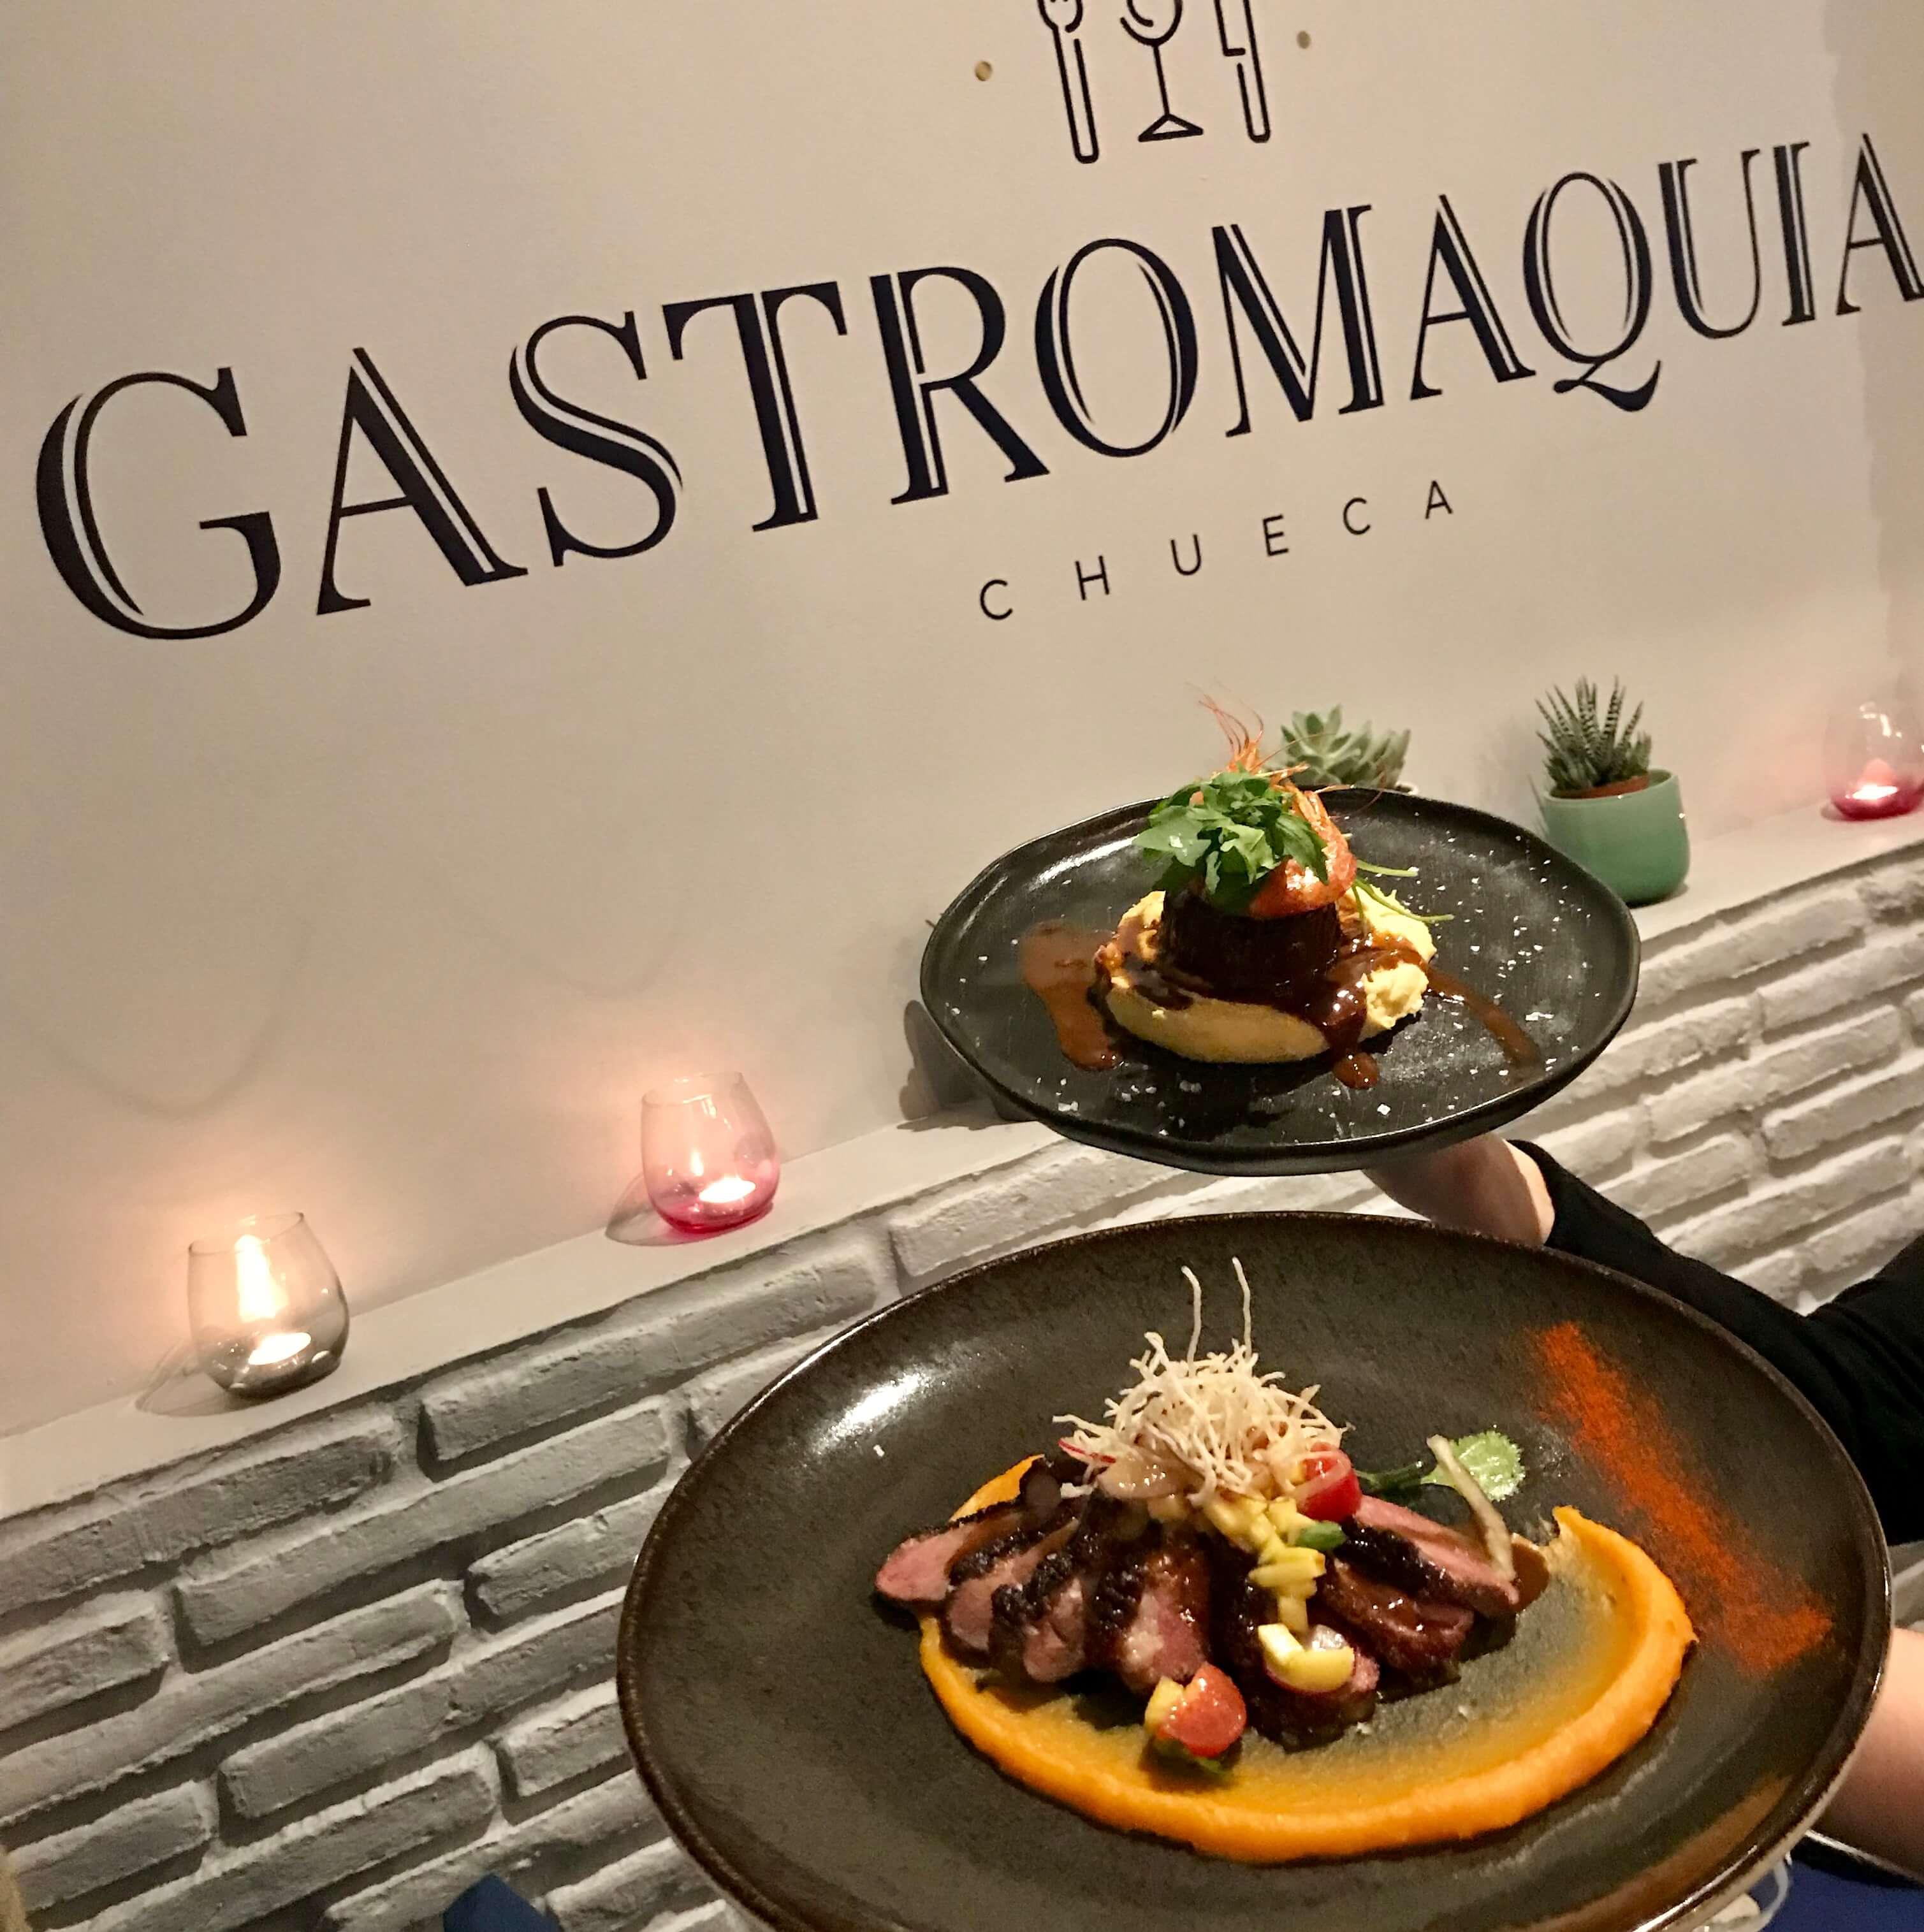 Gastromaquia Chueca